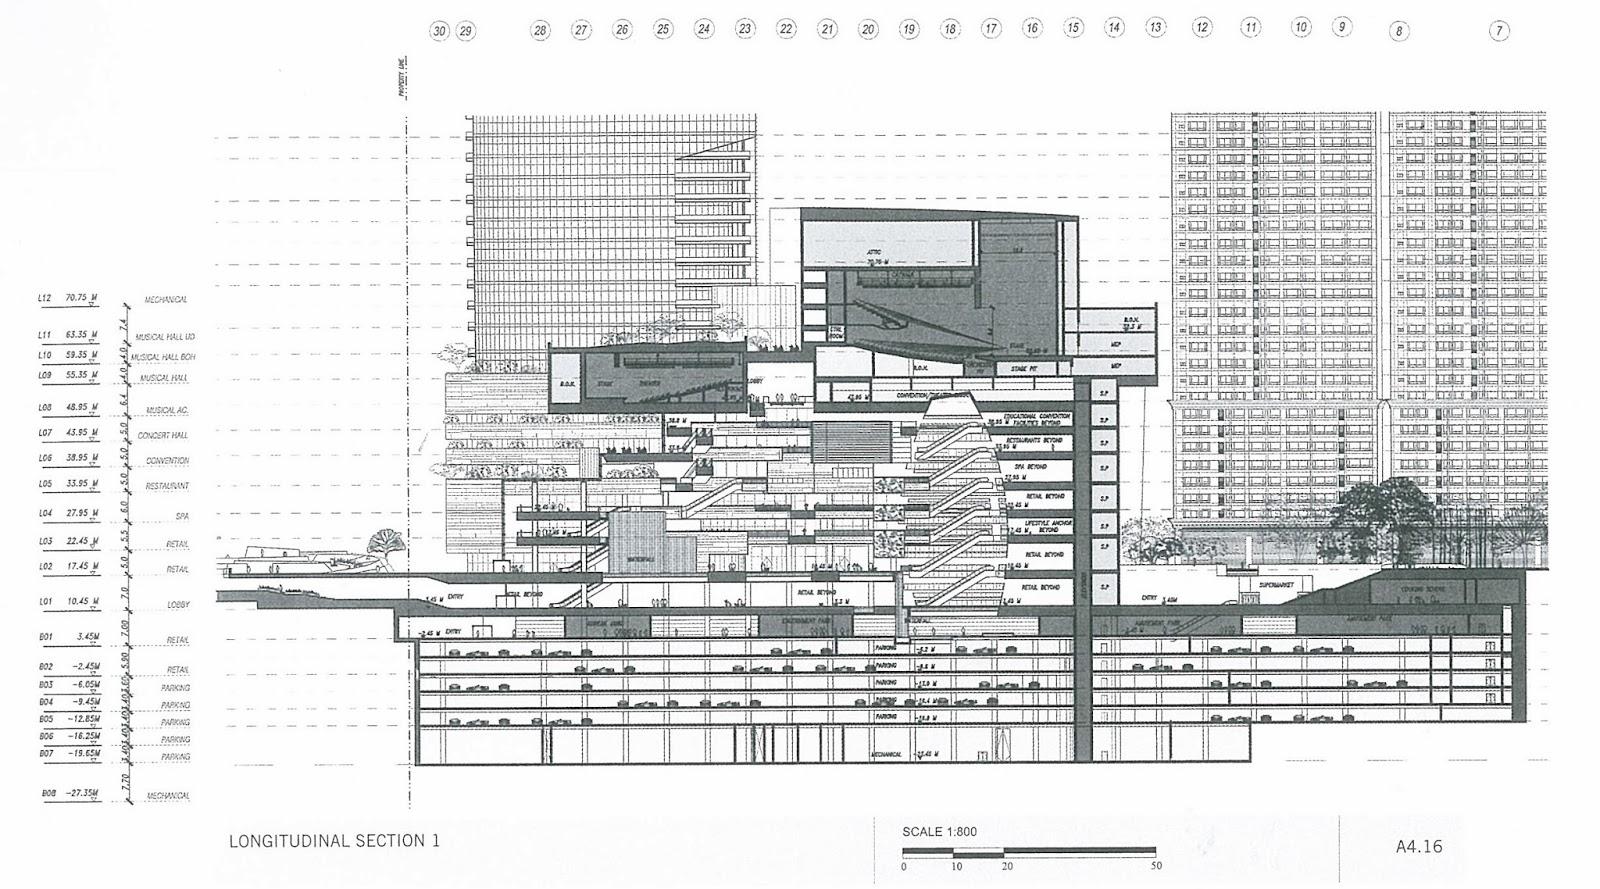 Sectional elevation zhang c zhou x huang l 2012 shopping mall gou wu zhong xin dalian university press dalian china page 34